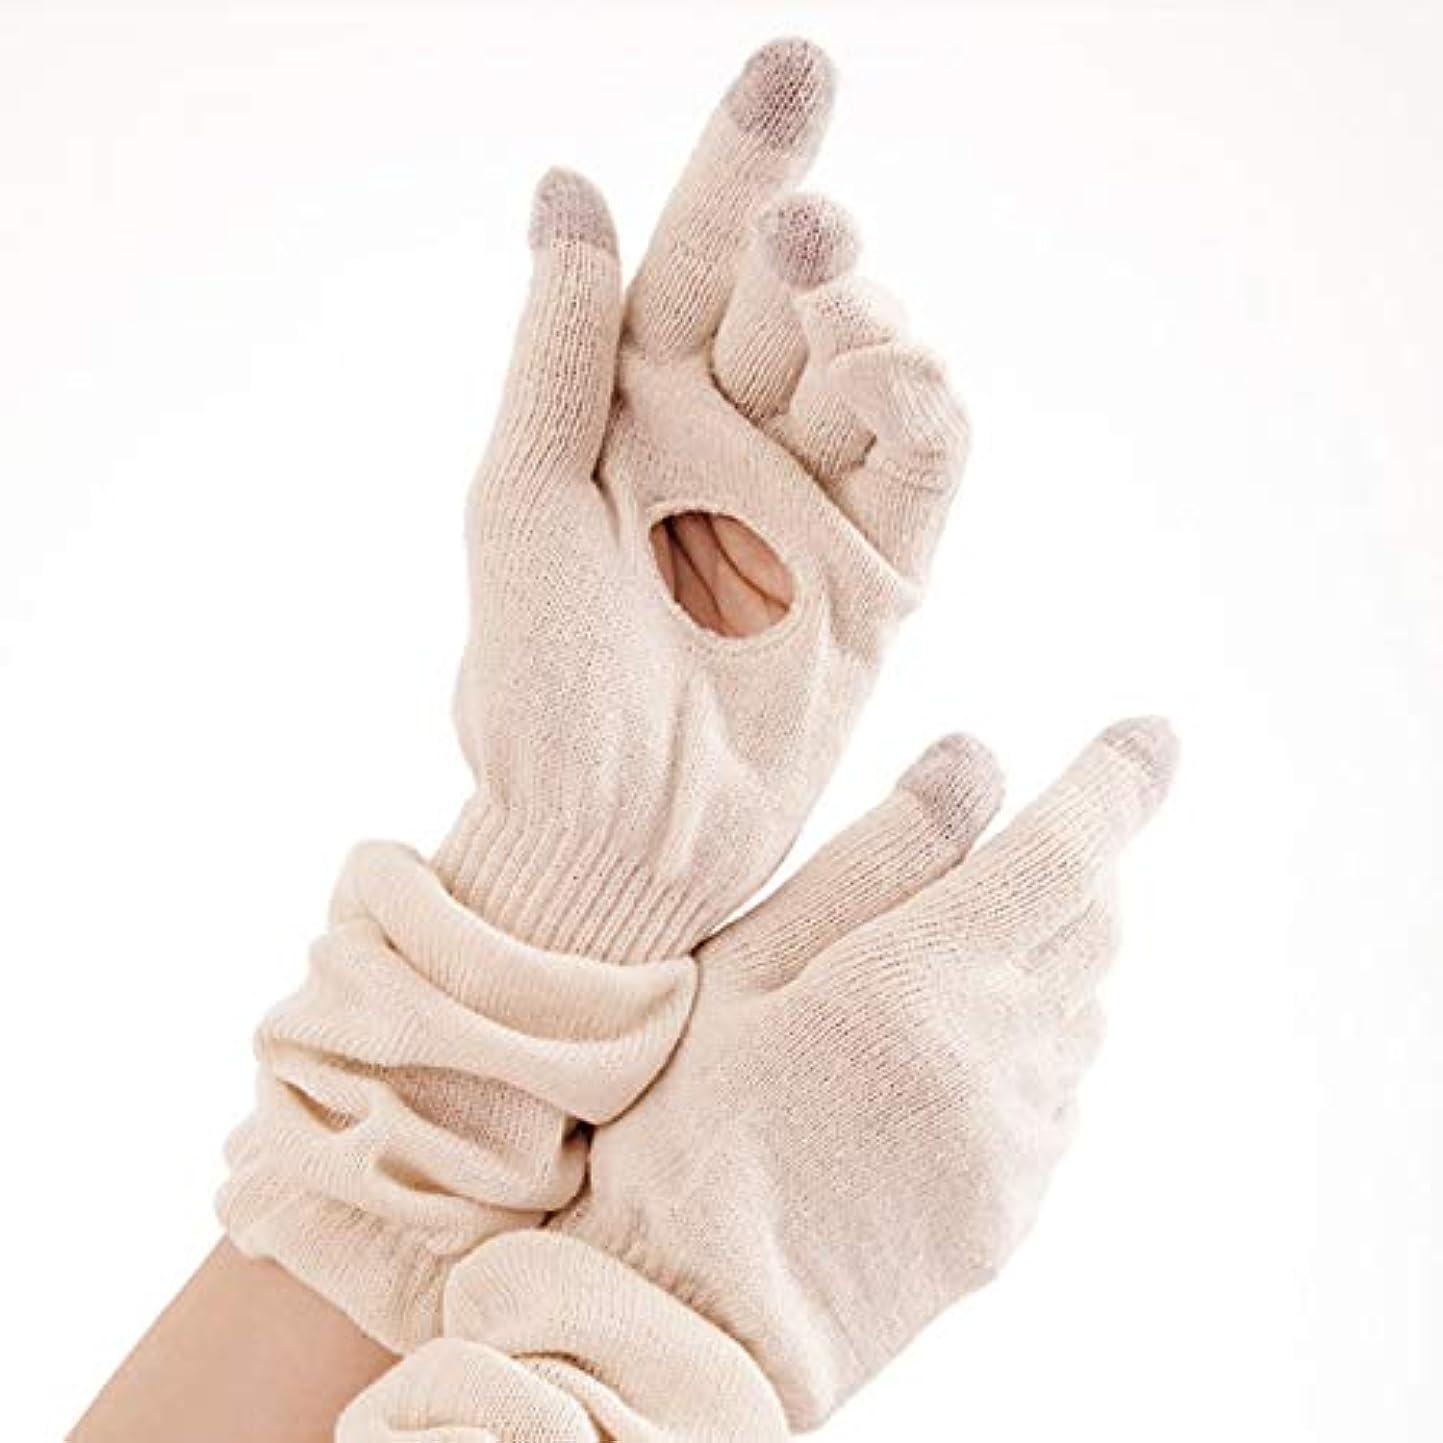 実質的に醜い材料アルファックス 手袋 シルク混 ふんわりオープンホール 手袋 キナリ 1双入 AP-431336   手のひらホール 蒸れない 快眠 手荒れ 乾燥対策 やさしい シルク 腕周りゆったりゴム しめつけない ラクラク 優しい...